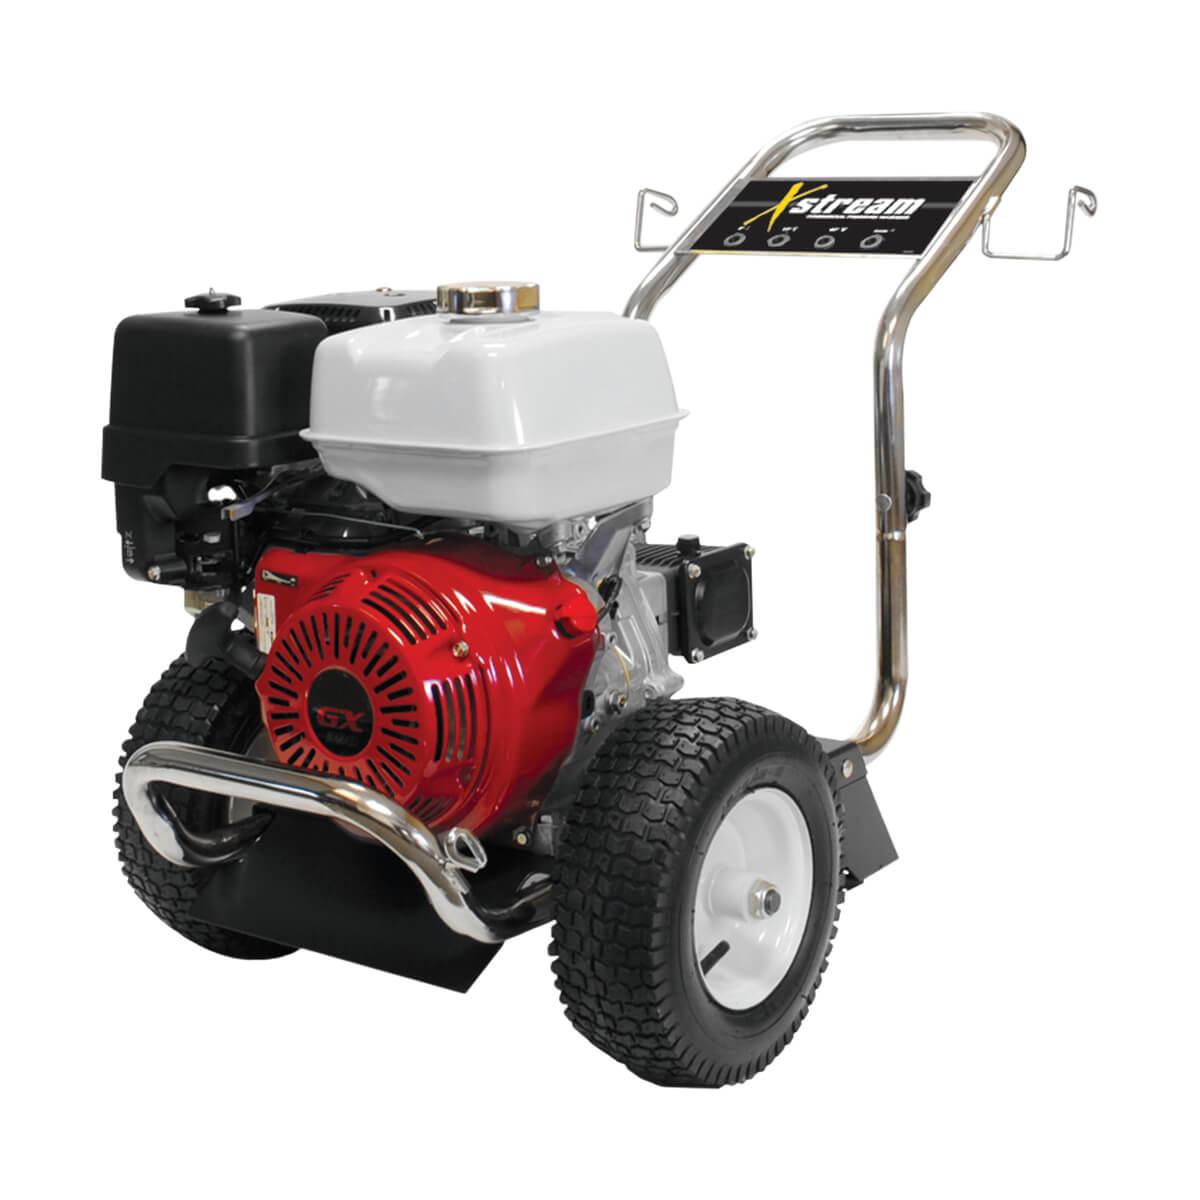 Honda Pressure Washer - 4000 psi